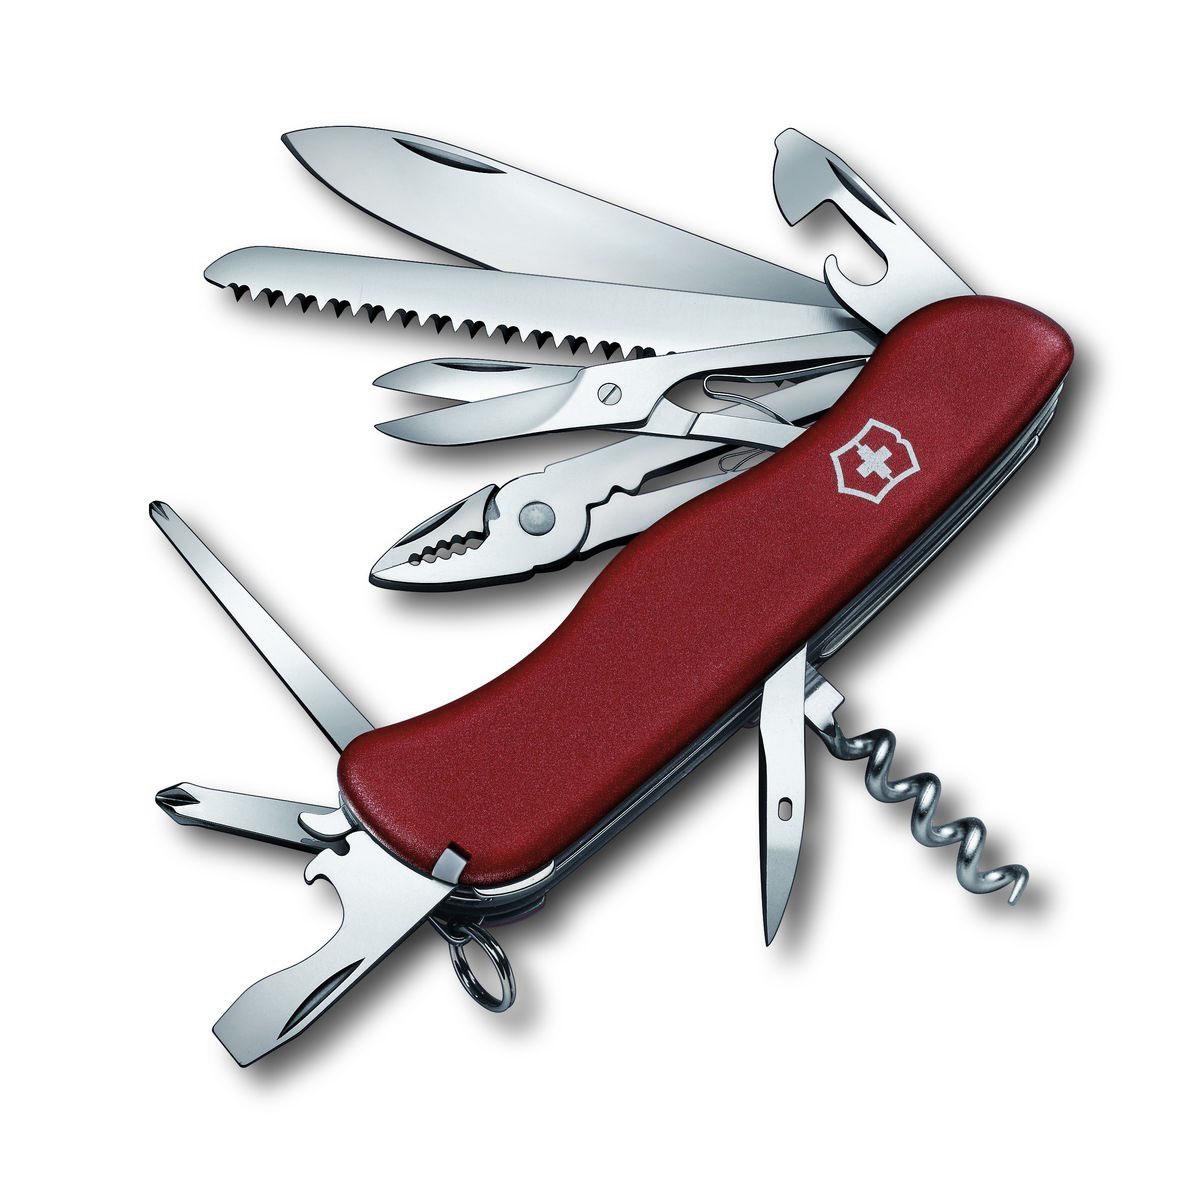 Нож перочинный Victorinox Hercules, цвет: красный, 18 функций, 11,1 см0.9043Лезвие перочинного складного ножа Victorinox Hercules изготовлено из высококачественной нержавеющей стали. Ручка, выполненная из прочного пластика, обеспечивает надежный и удобный хват. Хорошее качество, надежный долговечный материал и эргономичная рукоятка - что может быть удобнее на природе или на пикнике! Функции ножа: Фиксирующееся лезвие. Штопор. Консервный нож с малой отверткой. Открывалка для бутылок с отверткой и инструментом для снятия изоляции. Шило, кернер. Кольцо для ключей. Пинцет. Зубочистка. Пила по дереву. Ножницы. Длинная крестовая отвертка. Плоскогубцы с кусачками для проводов и инструментом для обжима проводов. Крестовая отвертка. Длина ножа в сложенном виде: 11,1 см. Длина ножа в разложенном виде: 19,5 см.